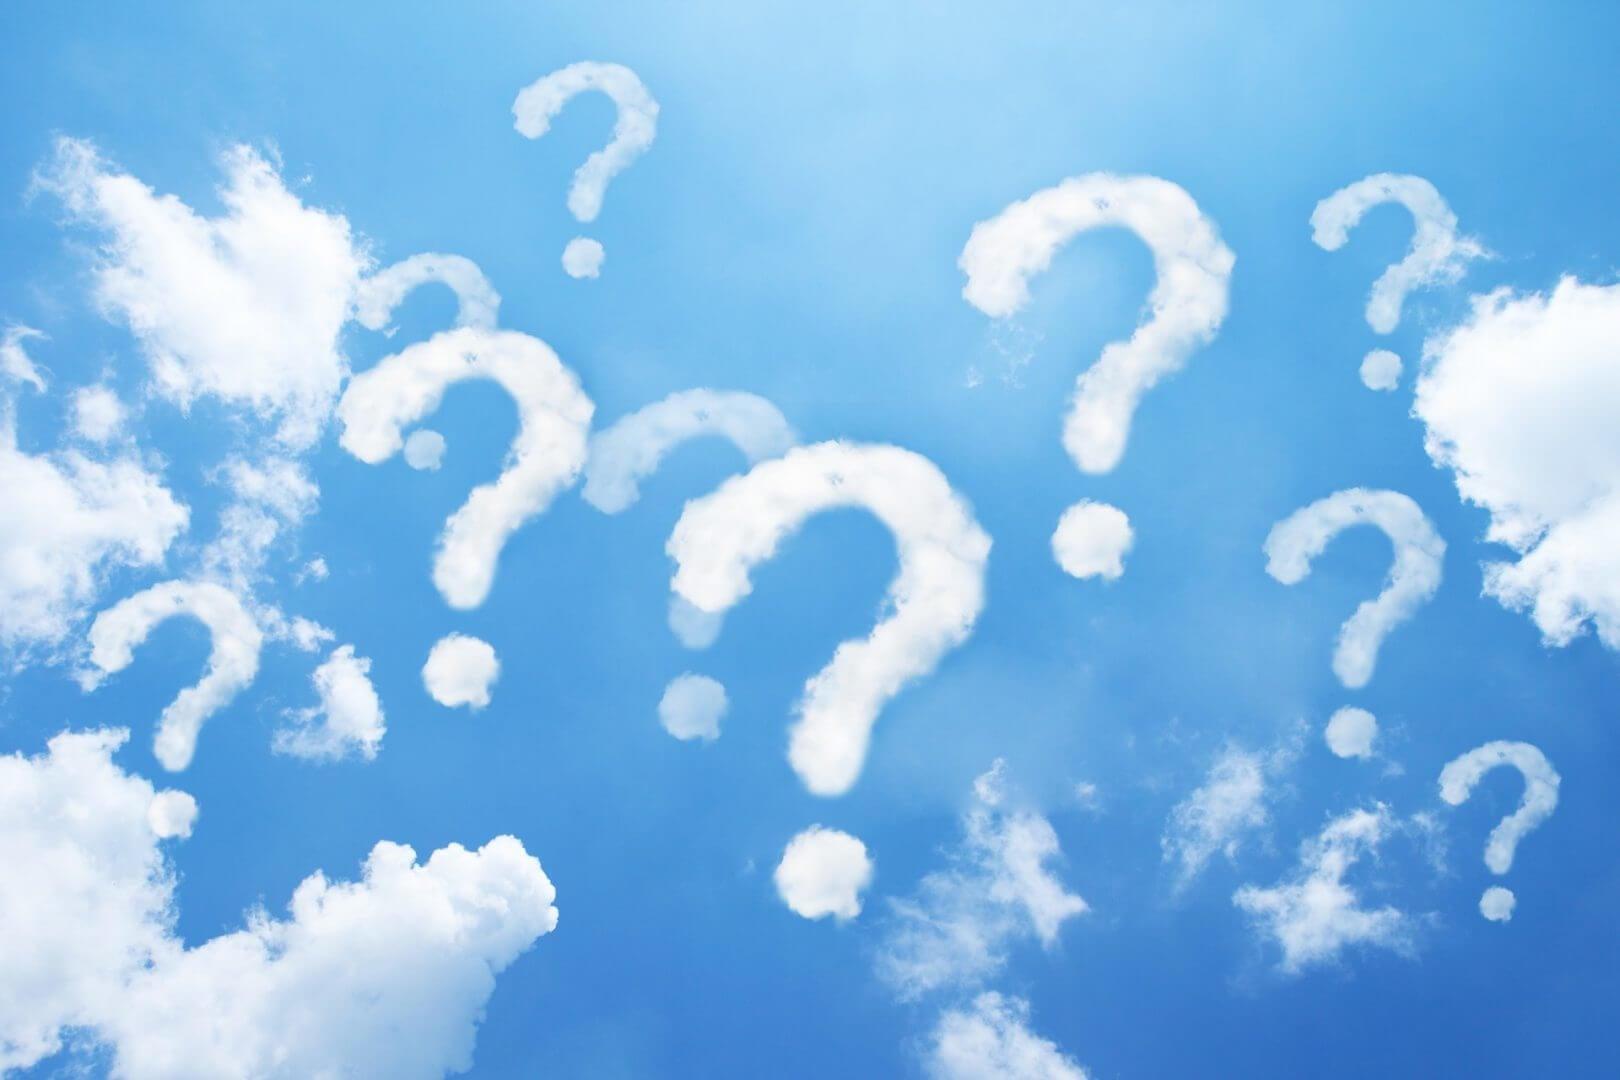 cielo con nubes en forma de interrogaciones